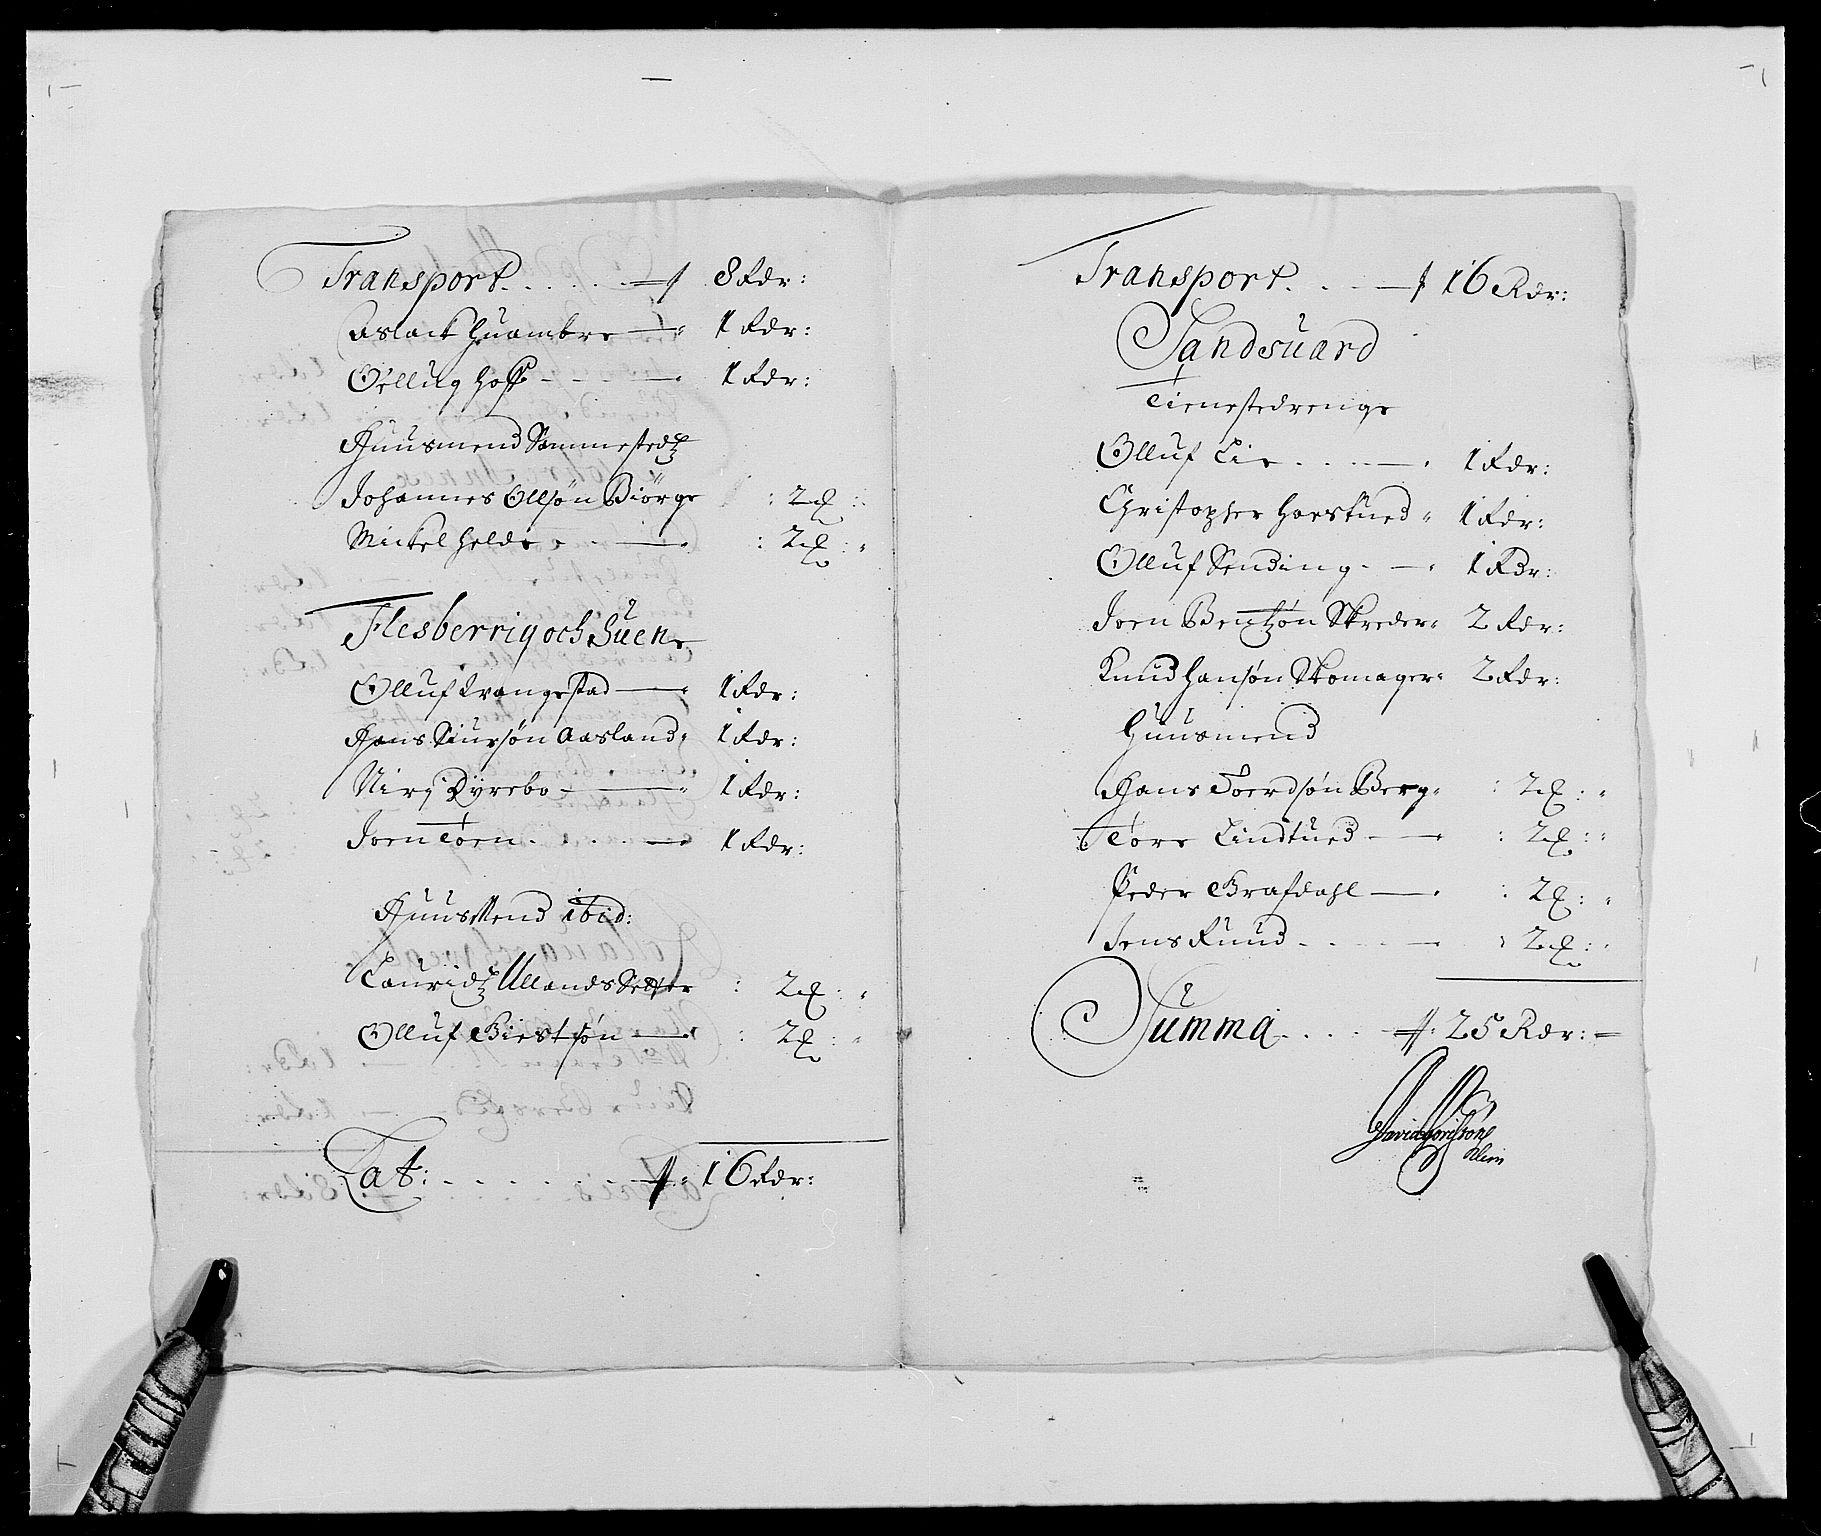 RA, Rentekammeret inntil 1814, Reviderte regnskaper, Fogderegnskap, R24/L1573: Fogderegnskap Numedal og Sandsvær, 1687-1691, s. 402